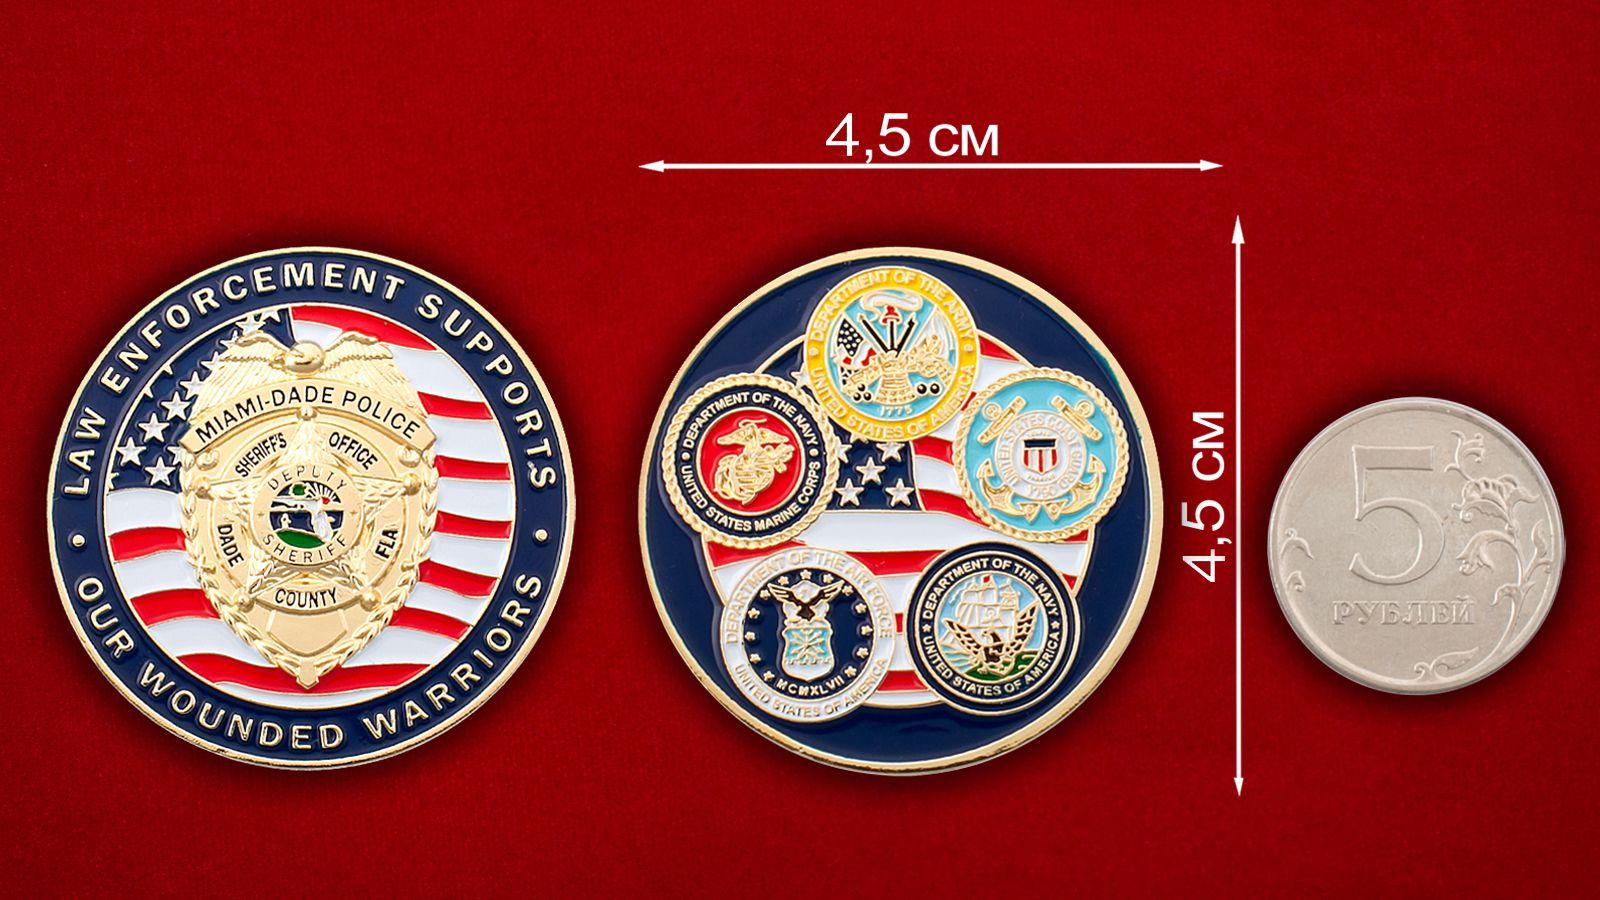 Челлендж коин бывших военнослужащих в полиции округа Майами-Дейд, Флорида - сравнительный размер